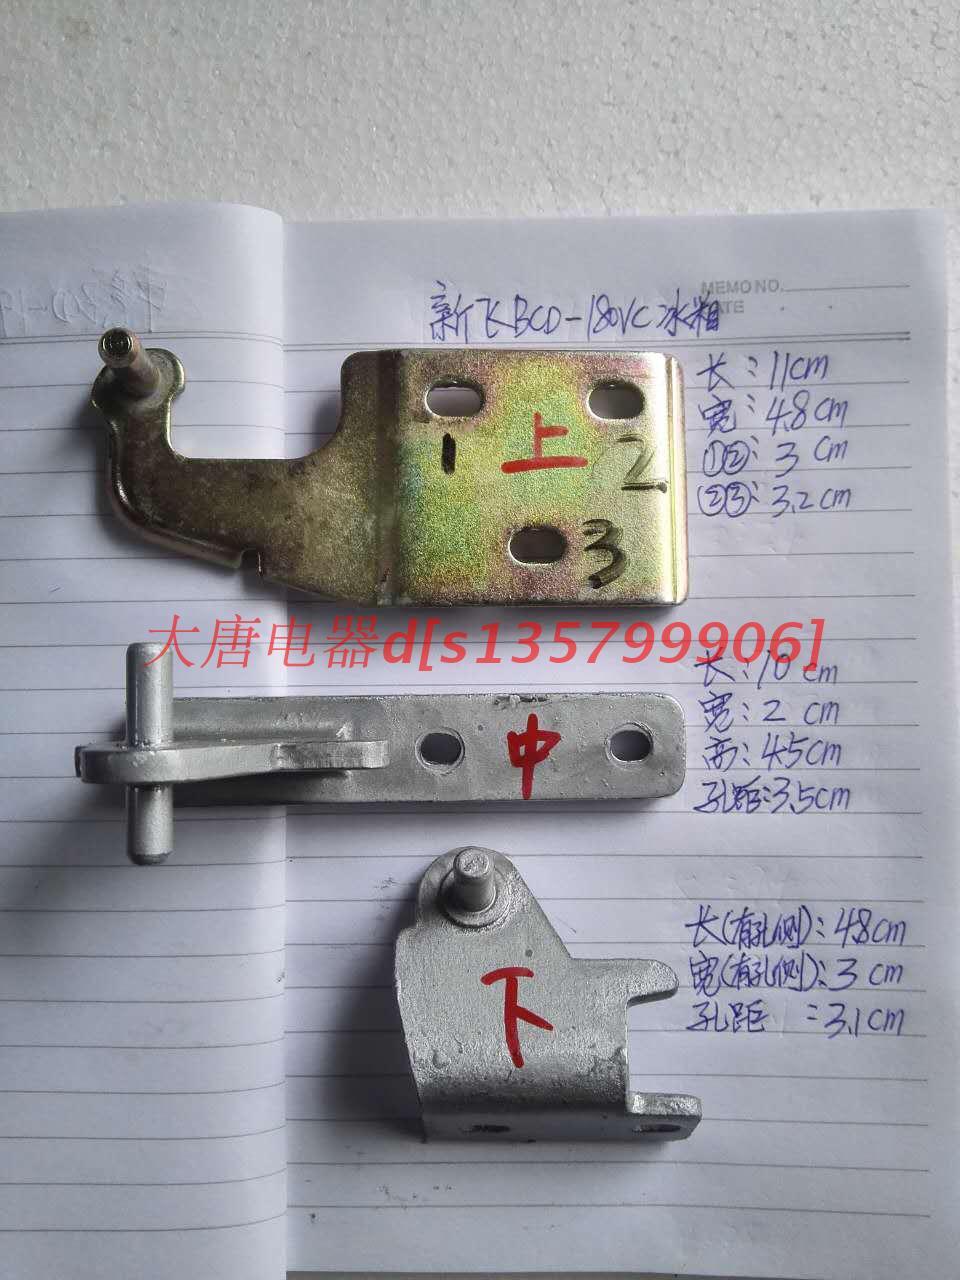 El nuevo BCD-180VC nevera accesorios originales de la puerta de bisagra de la puerta de bisagra del sello de la puerta de un termostato de luces de plástico